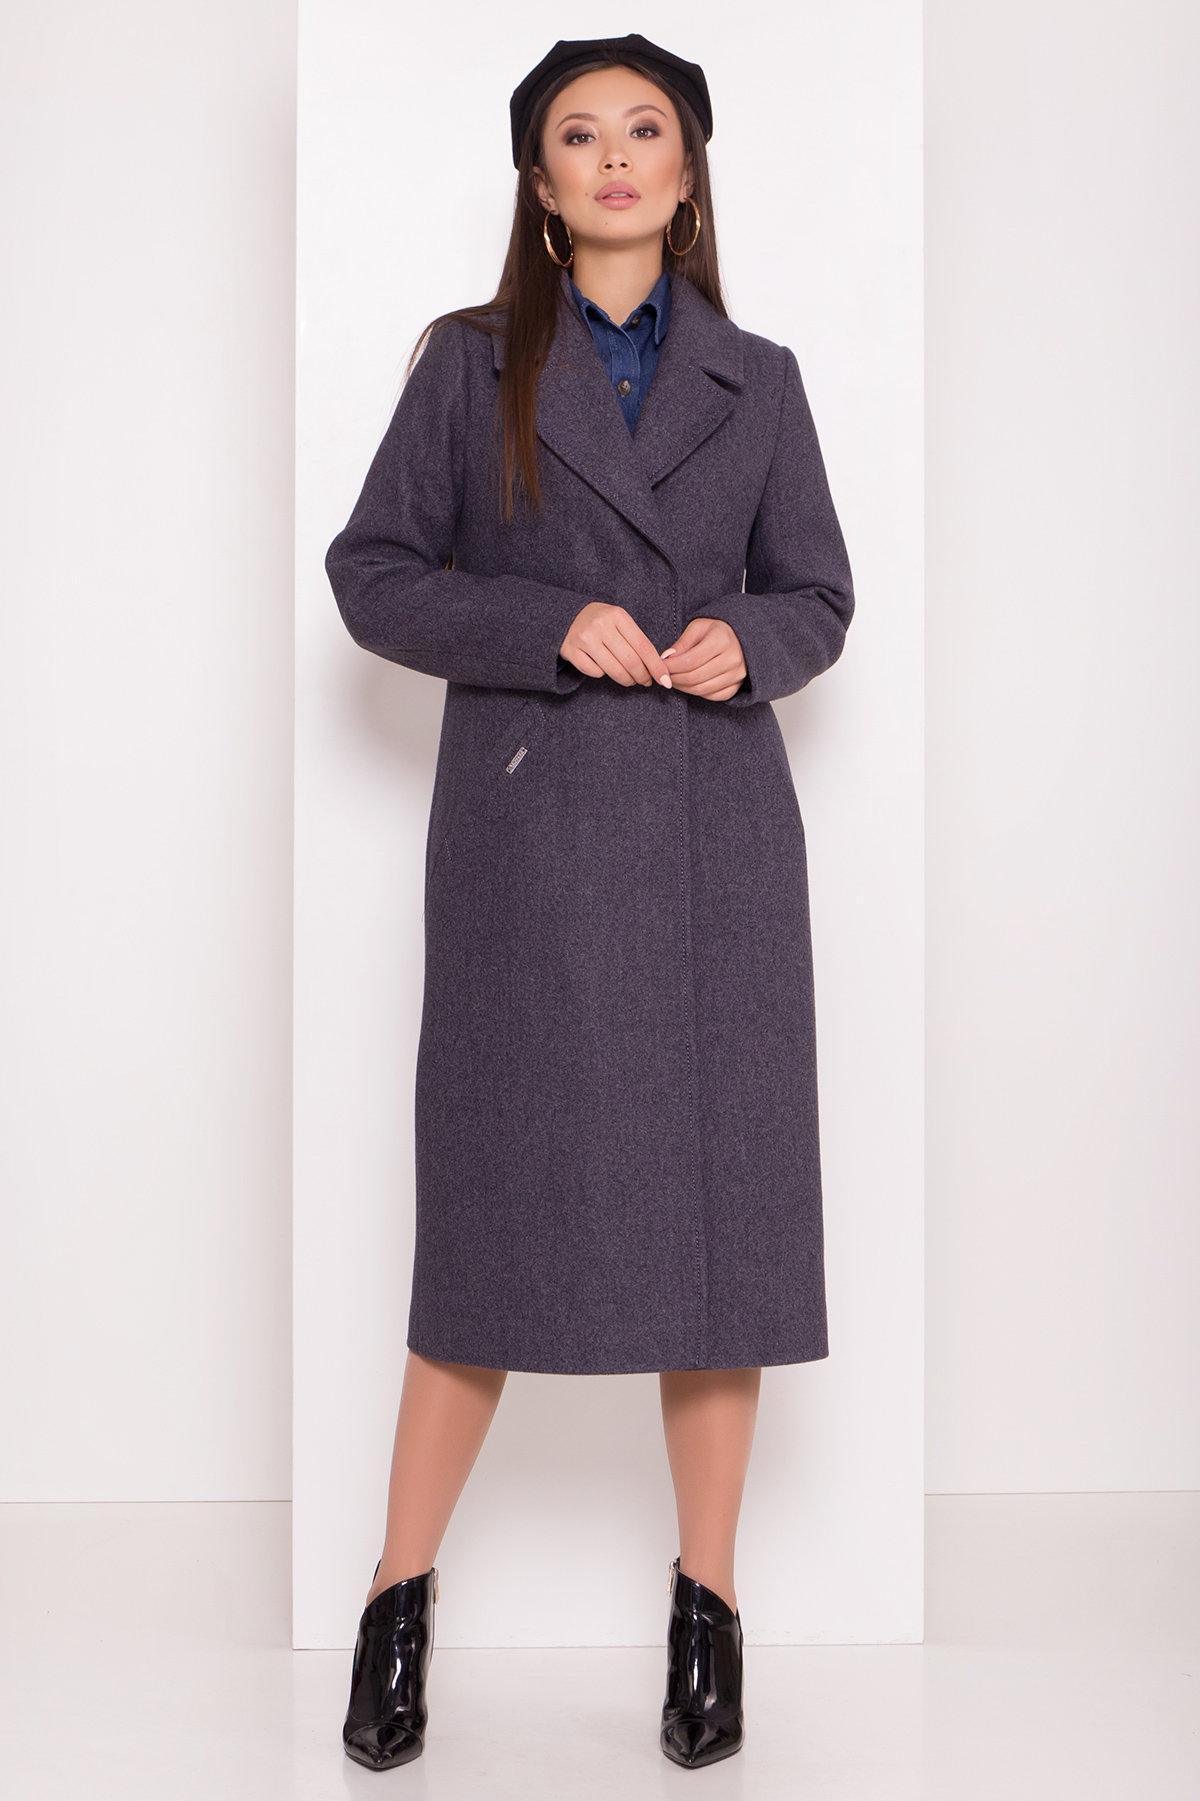 Пальто с английским воротником Миссури макси 8107 АРТ. 44054 Цвет: Т.синий 543 - фото 2, интернет магазин tm-modus.ru